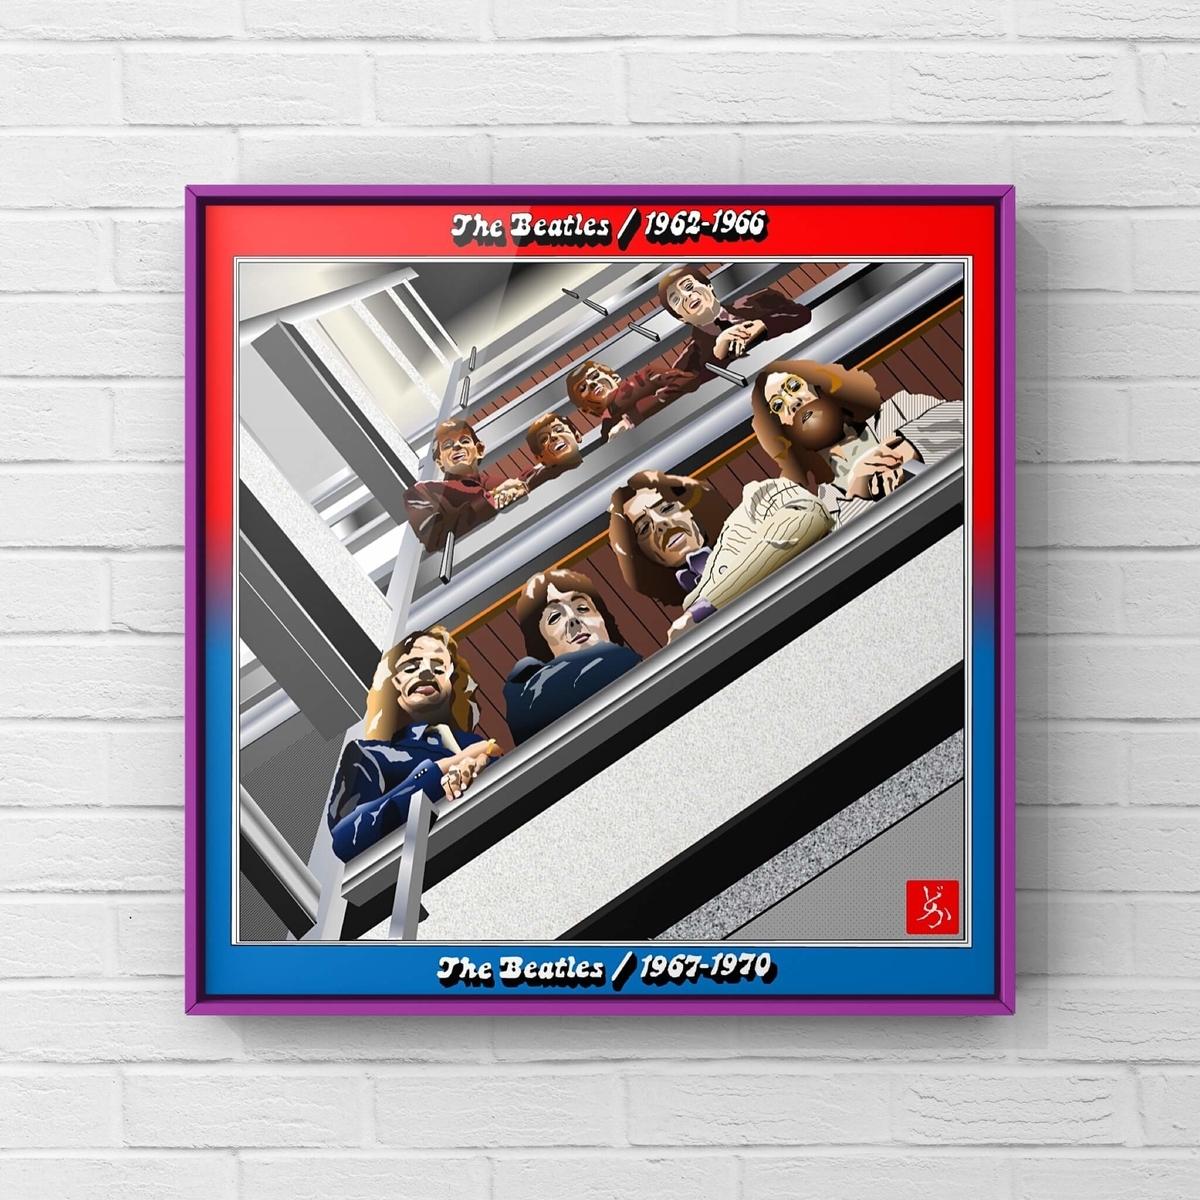 ビートルズベスト盤「1962-1966」「1967-1970」を合体のエクセル画イラスト額装版